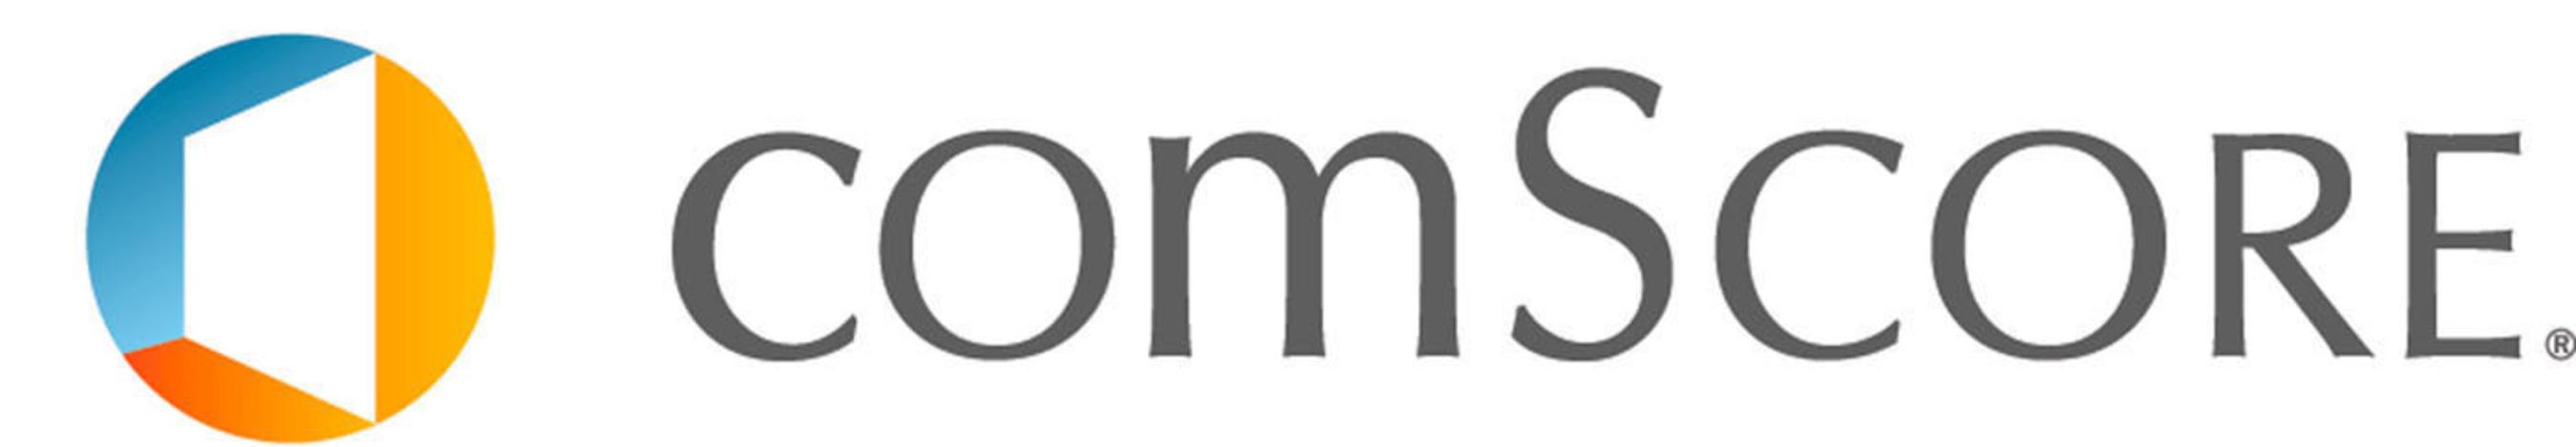 comScore annuncia che la propria soluzione Bid Ratings è oggi disponibile in otto piattaforme di